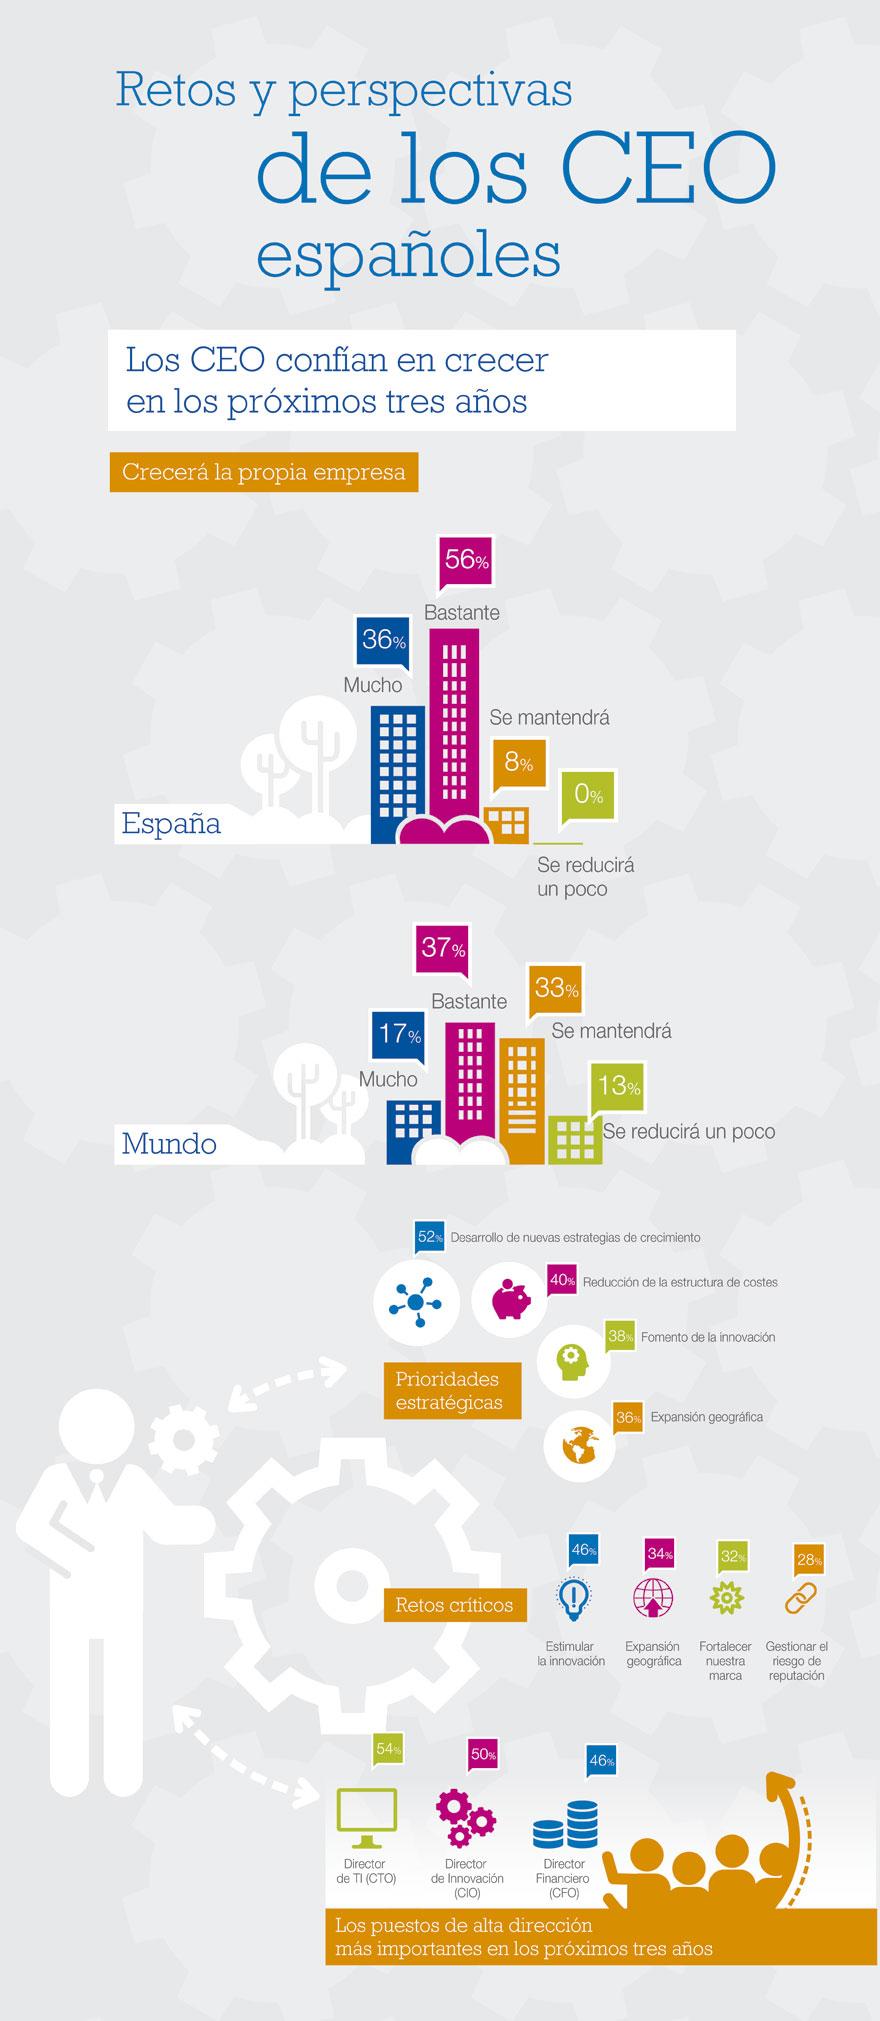 retos-y-perspectivas-de-los-ceos-espanoles-revista-tendencias-24.jpg